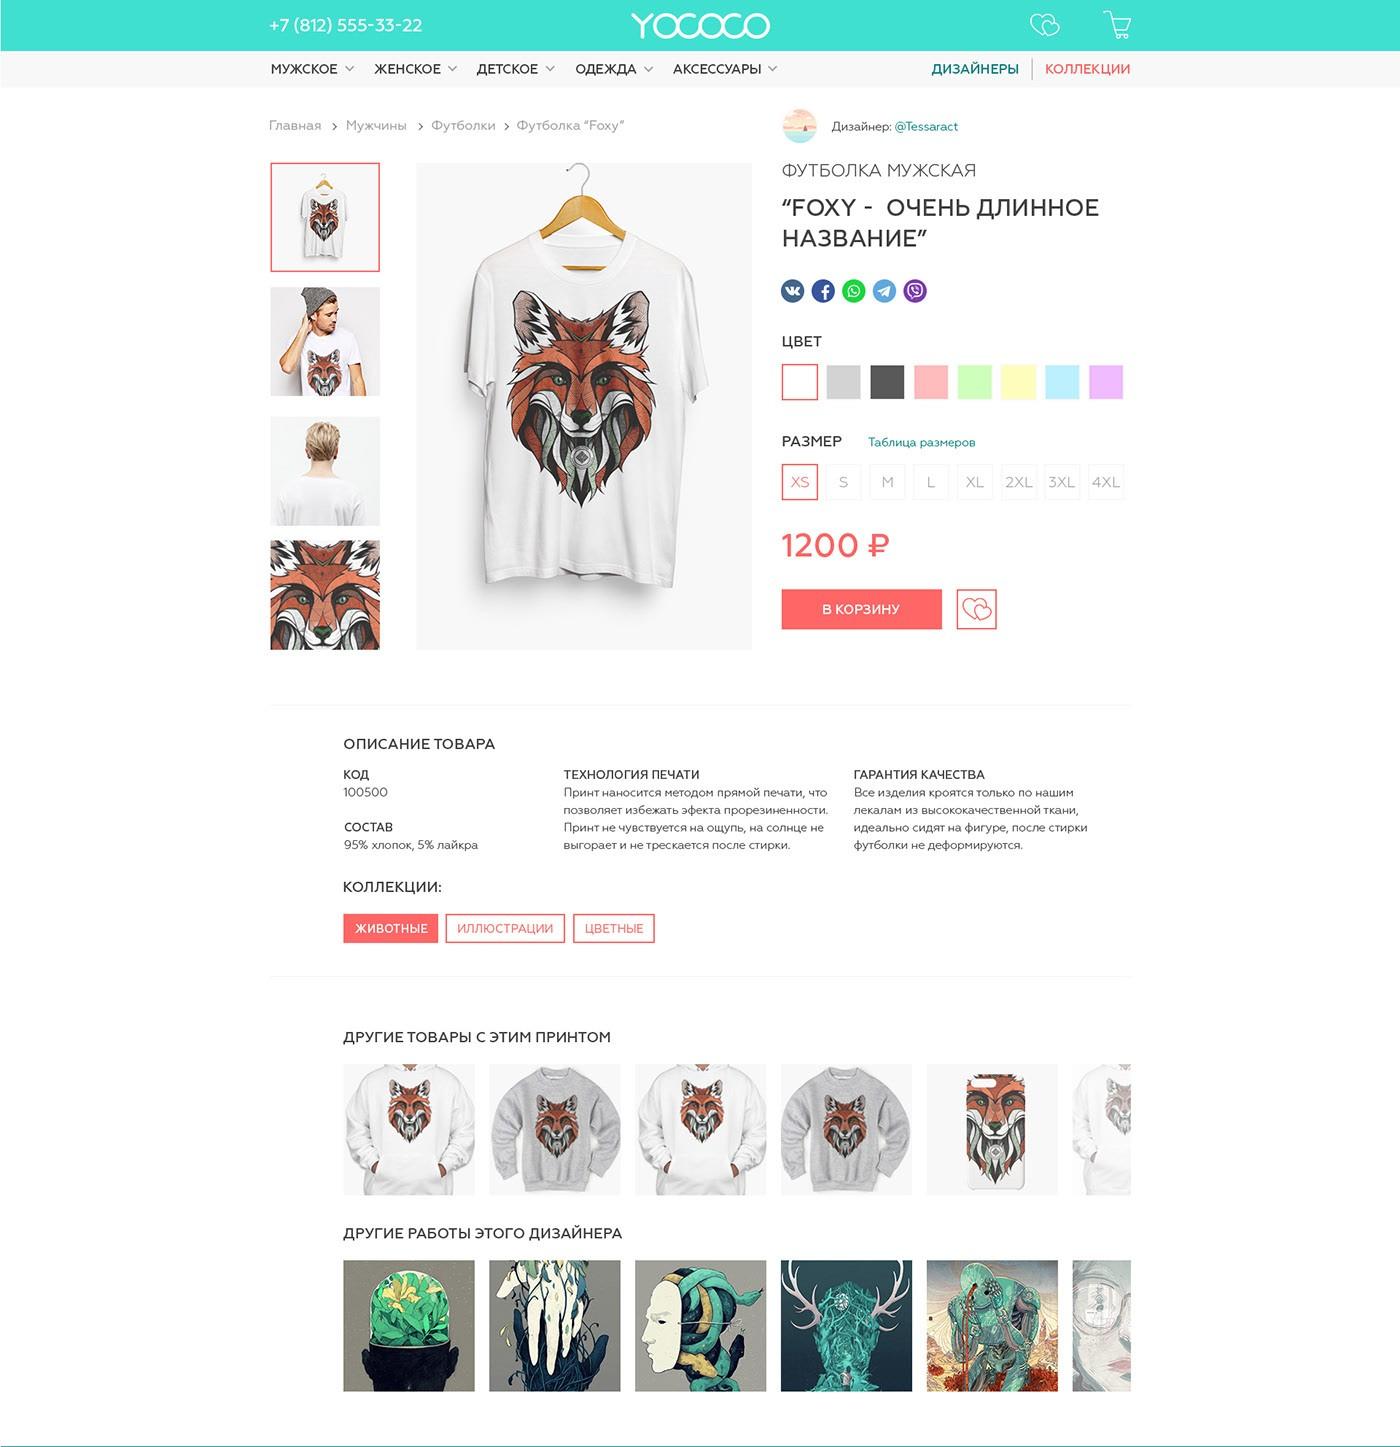 разработка дизайна интернет магазина 2